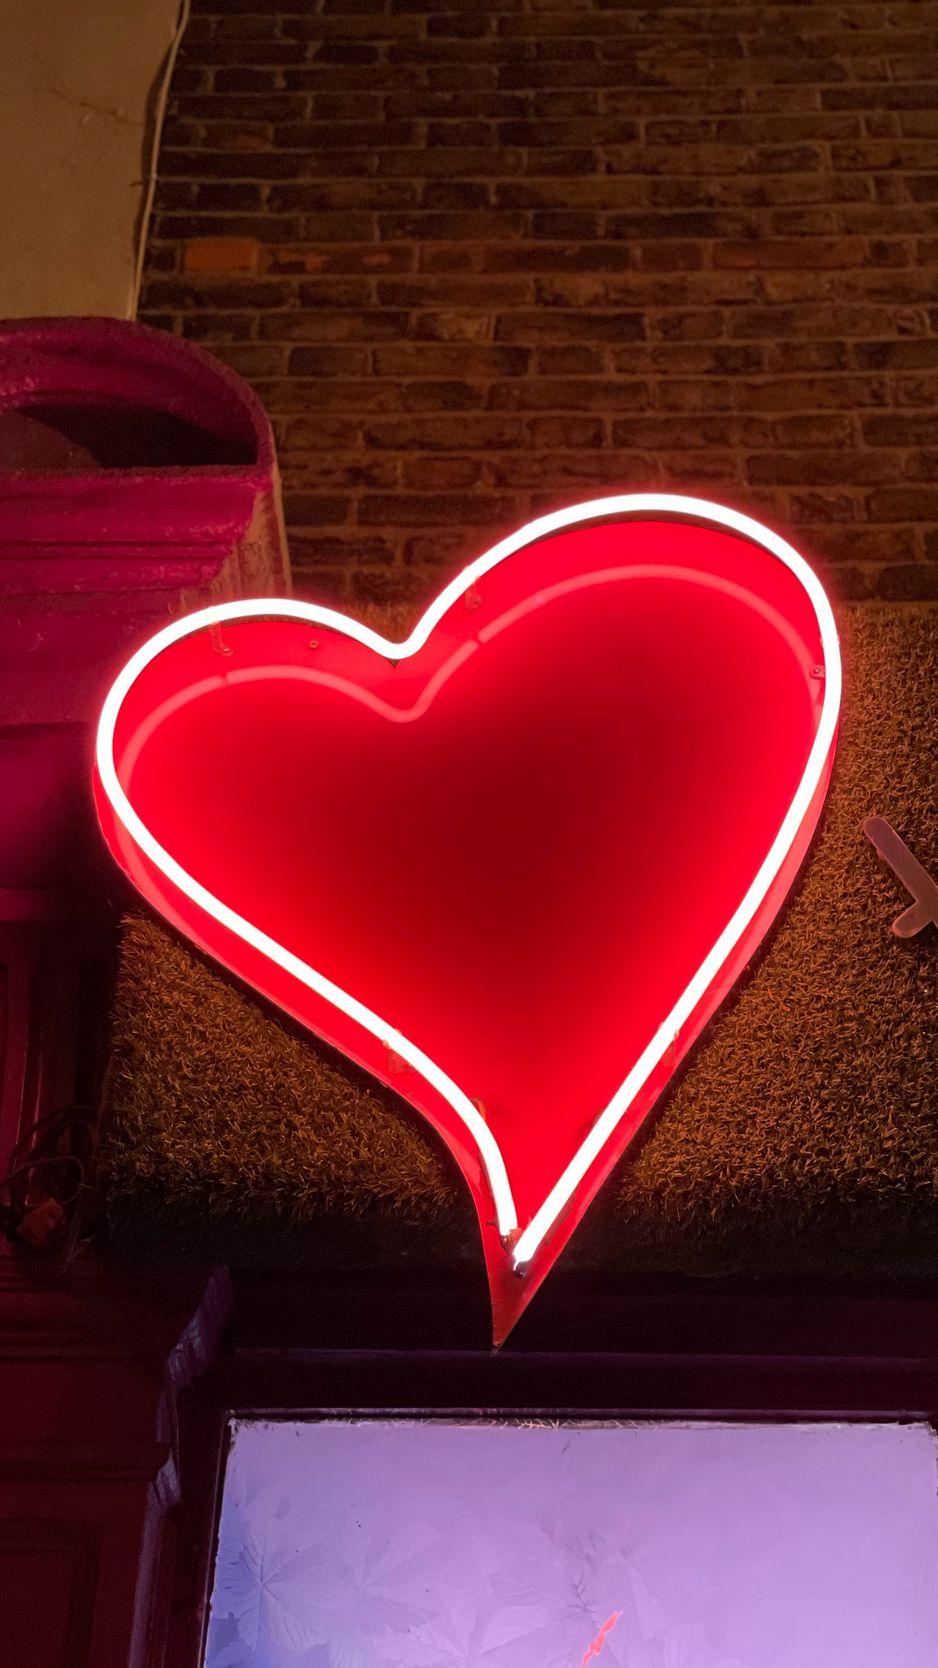 938x1668 Wallpaper heart, neon, light, red, love